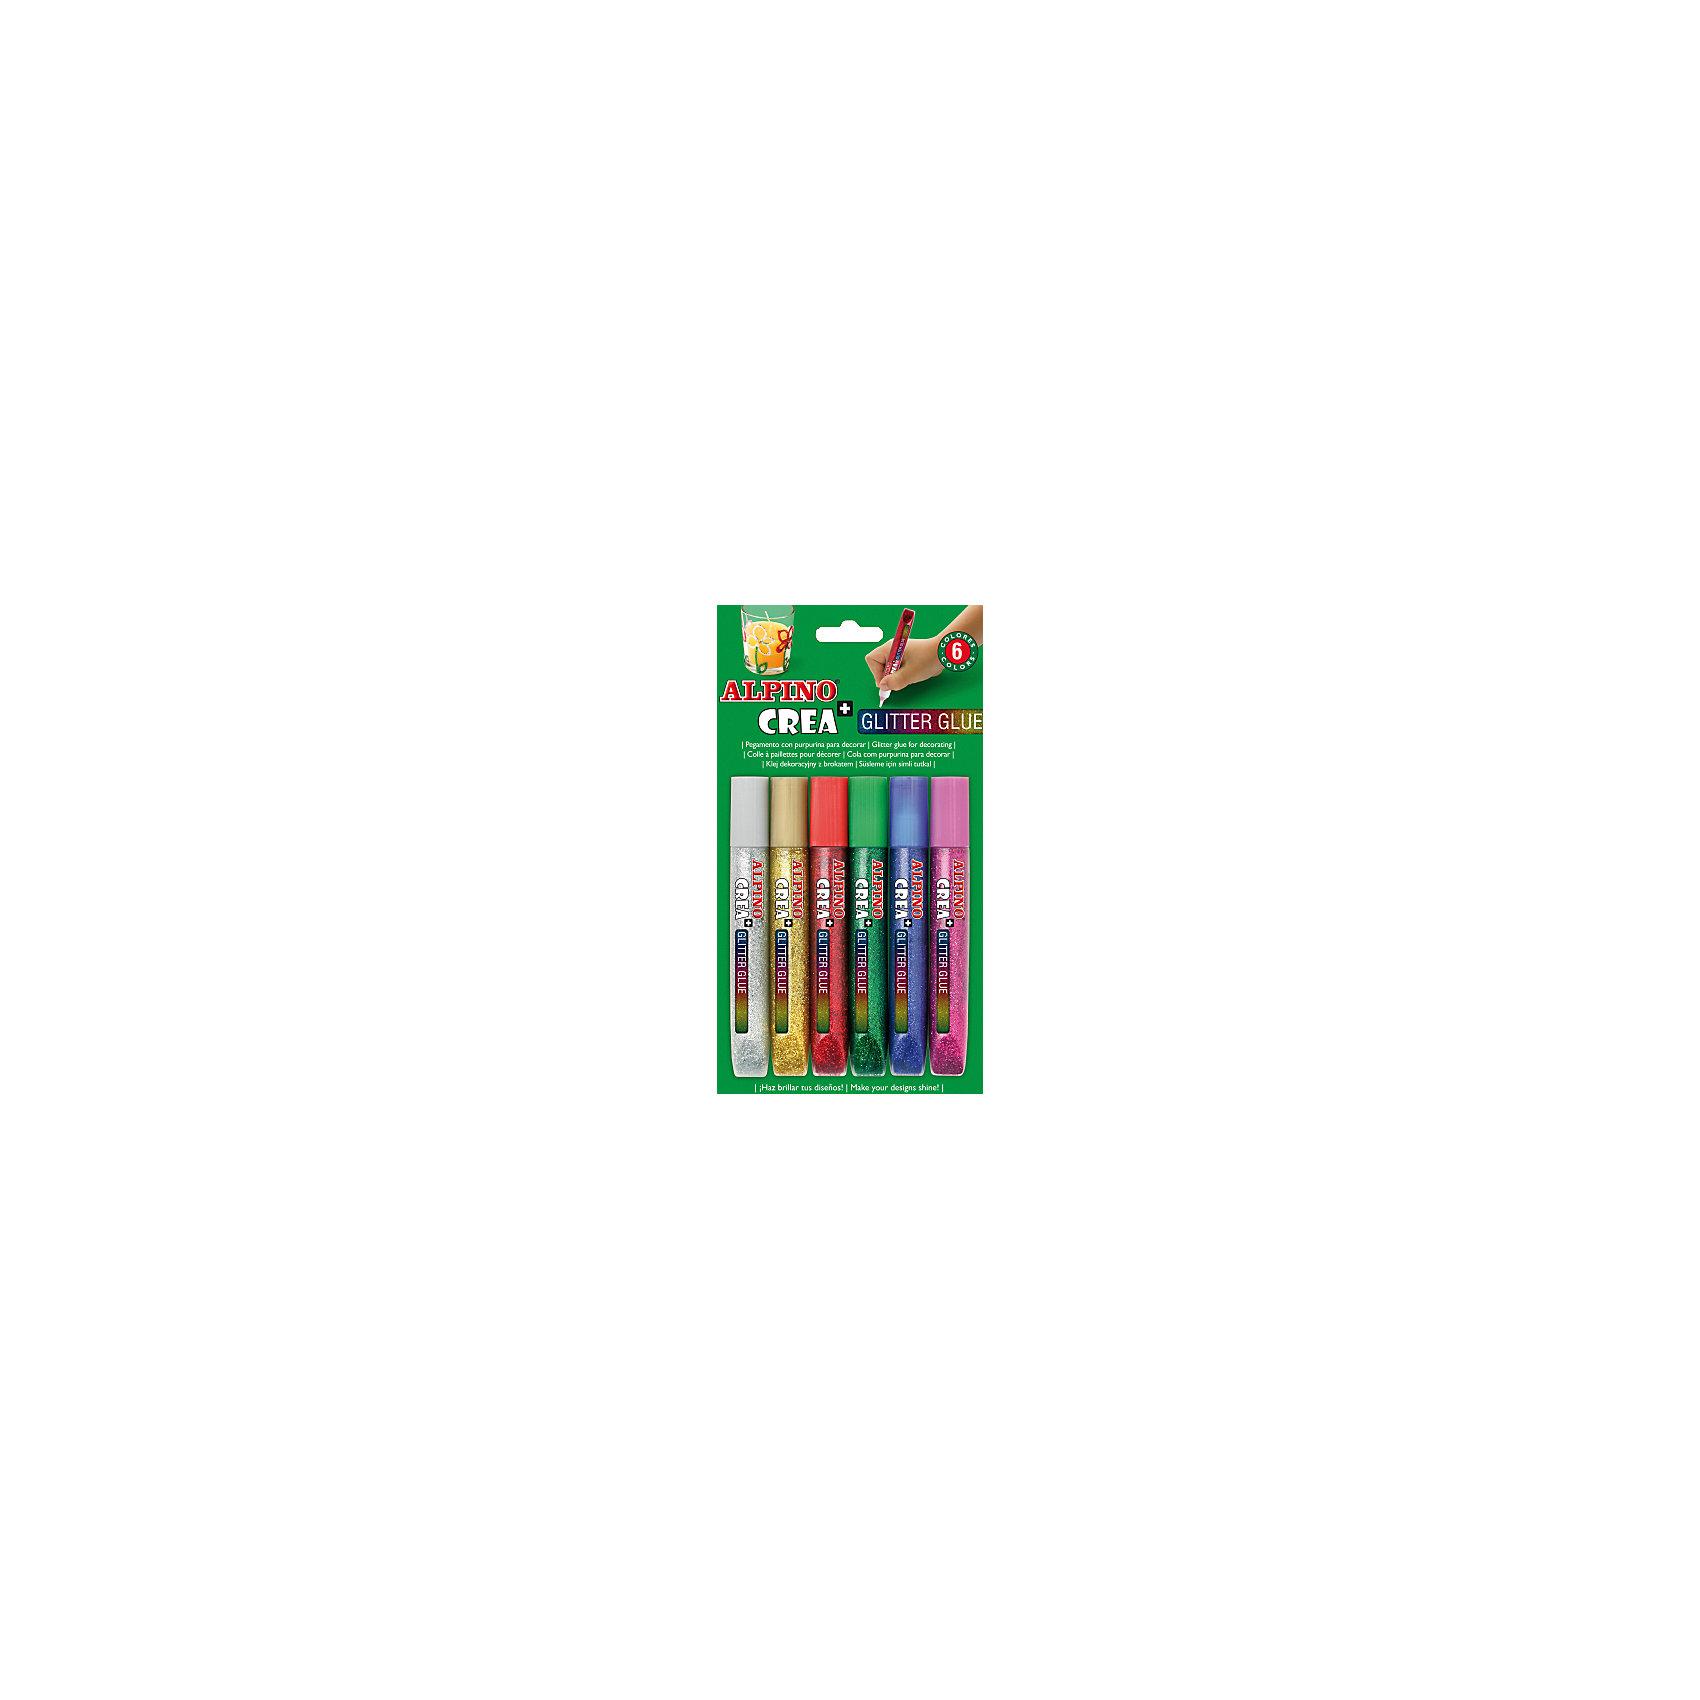 Гелевые карандаши CREA Classic (гель-краски с блестками для декорирования), 6 цв.Письменные принадлежности<br>Экологичная продукция европейского производства, изготовленная по наилучшим существующим технологиям<br>Сертификация по европейским стандартам качества и безопасности (CE, EN 71), декларирование соответствия по ТР ТС для использования детьми от 6 лет<br>Гелевые карандаши Glitter Glue с блестками и неоновым эффектом обладают уникальными свойствами и идеально подходят для многих видов хобби и творчества Произведены с использованием натуральных материалов и природных пигментов, не содержат вредных или потенциально аллергенных веществ (Non-Allergic) Безопасны для чувствительности детской кожи, смываются с кожи с применением мыла Чистые, яркие, насыщенные цвета, превосходная светостойкость<br>Рекомендуется педагогами для развития у детей и подростков цветоощущений, абстрактного мышления, эстетического вкуса, самостоятельности, уверенности и позитивной самооценки.<br>Гелевые карандаши имеют одинаковую функциональность при любом наклоне к пишущей поверхности, удобны как при нанесении контуров рисунков, так и при их раскрашивании<br>Предназначены для декорирования различных материалов восхитительными искрящимися или неоновыми эффектами К изделиям можно прикасаться уже через 30-40 минут после нанесения. Не стекает и не образует нитей. Текстильные изделия, украшенные с помощью ALPINO Glitter Glue, можно стирать при 30 С°.<br>Упаковка с европетлей<br>Производитель: ALPINO (Испания)<br><br>Ширина мм: 117<br>Глубина мм: 15<br>Высота мм: 190<br>Вес г: 104<br>Возраст от месяцев: 36<br>Возраст до месяцев: 120<br>Пол: Унисекс<br>Возраст: Детский<br>SKU: 5389747